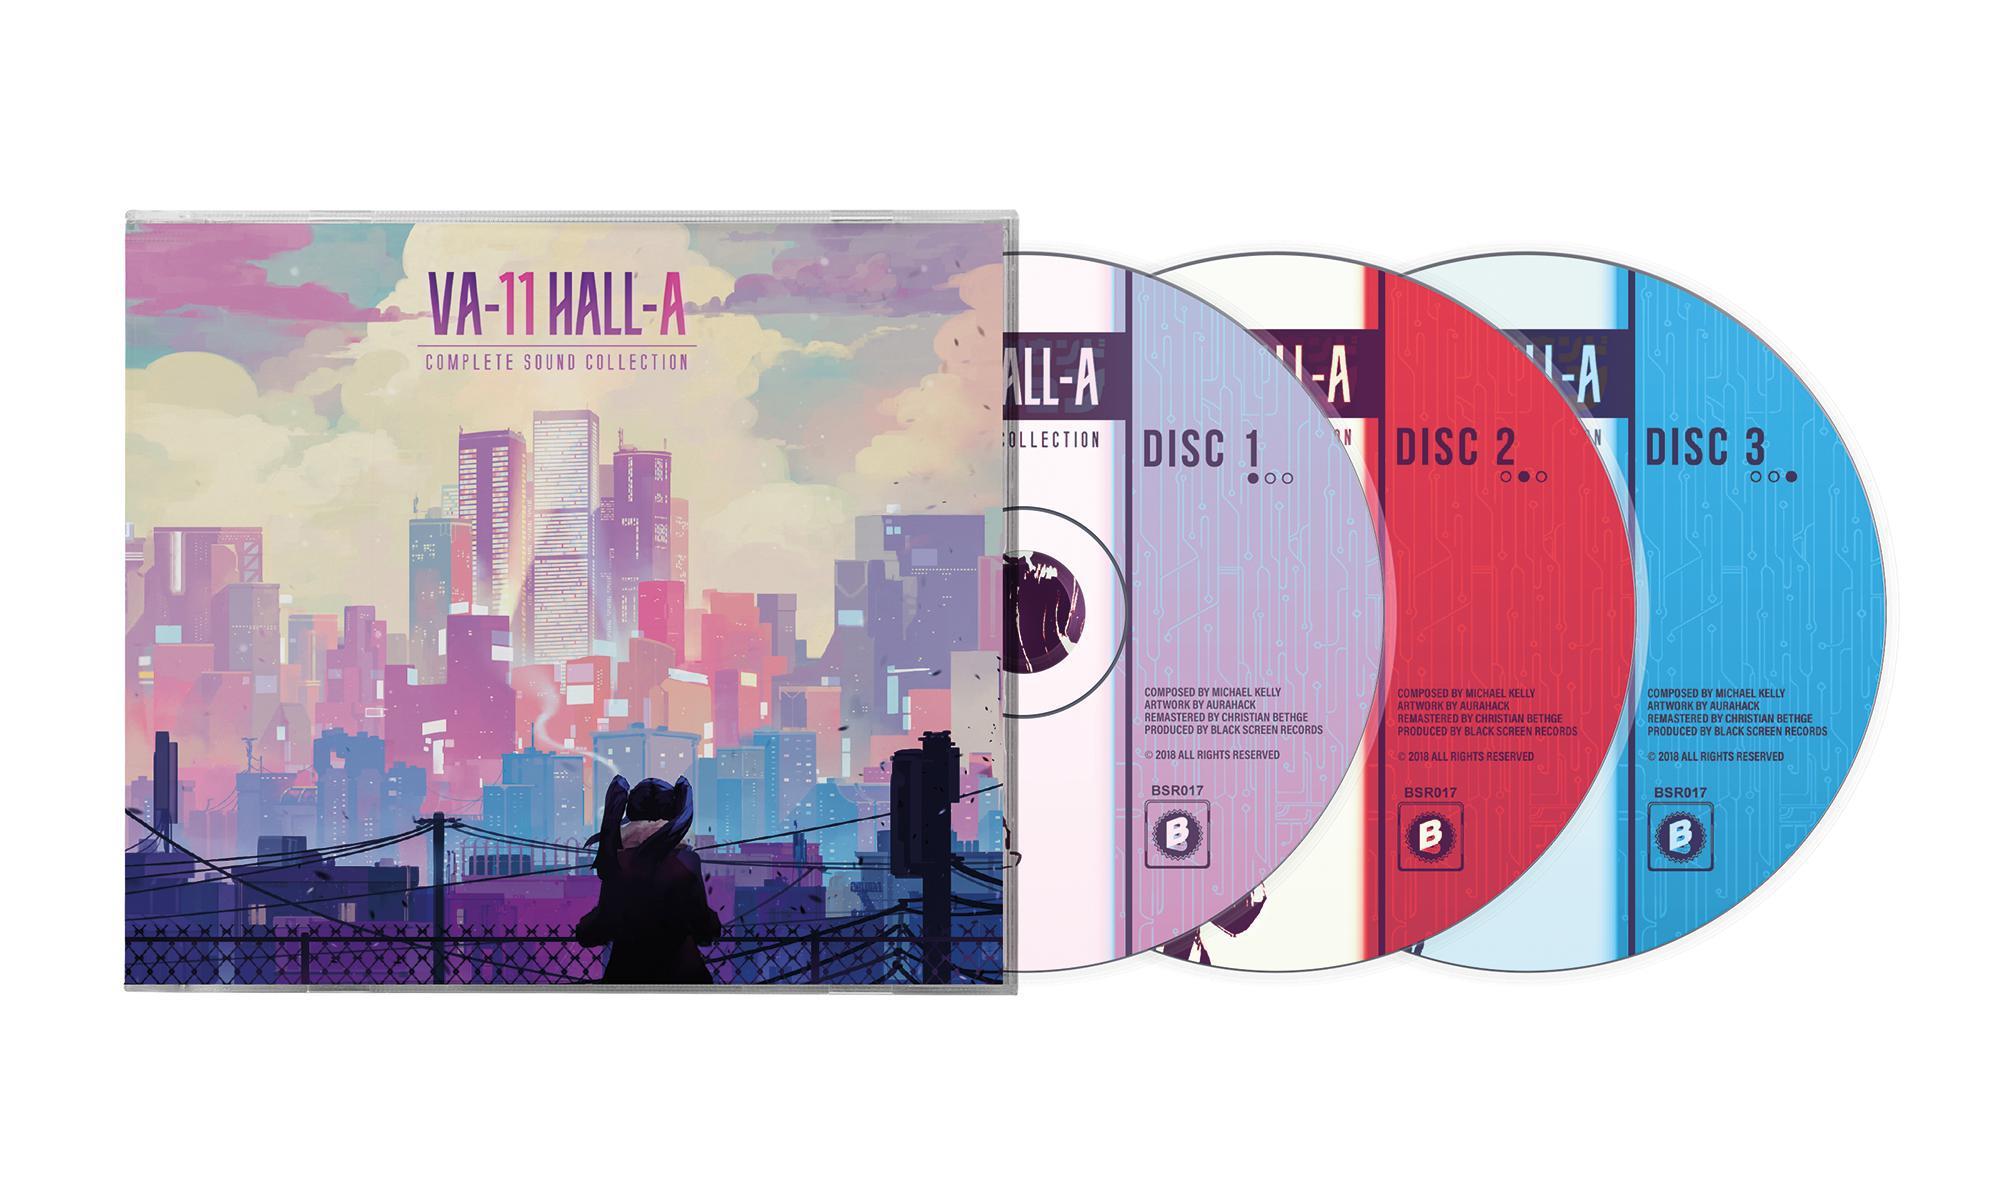 VA-11 HALL-A музыка из игры | VA-11 HALL-A COMPLETE SOUND